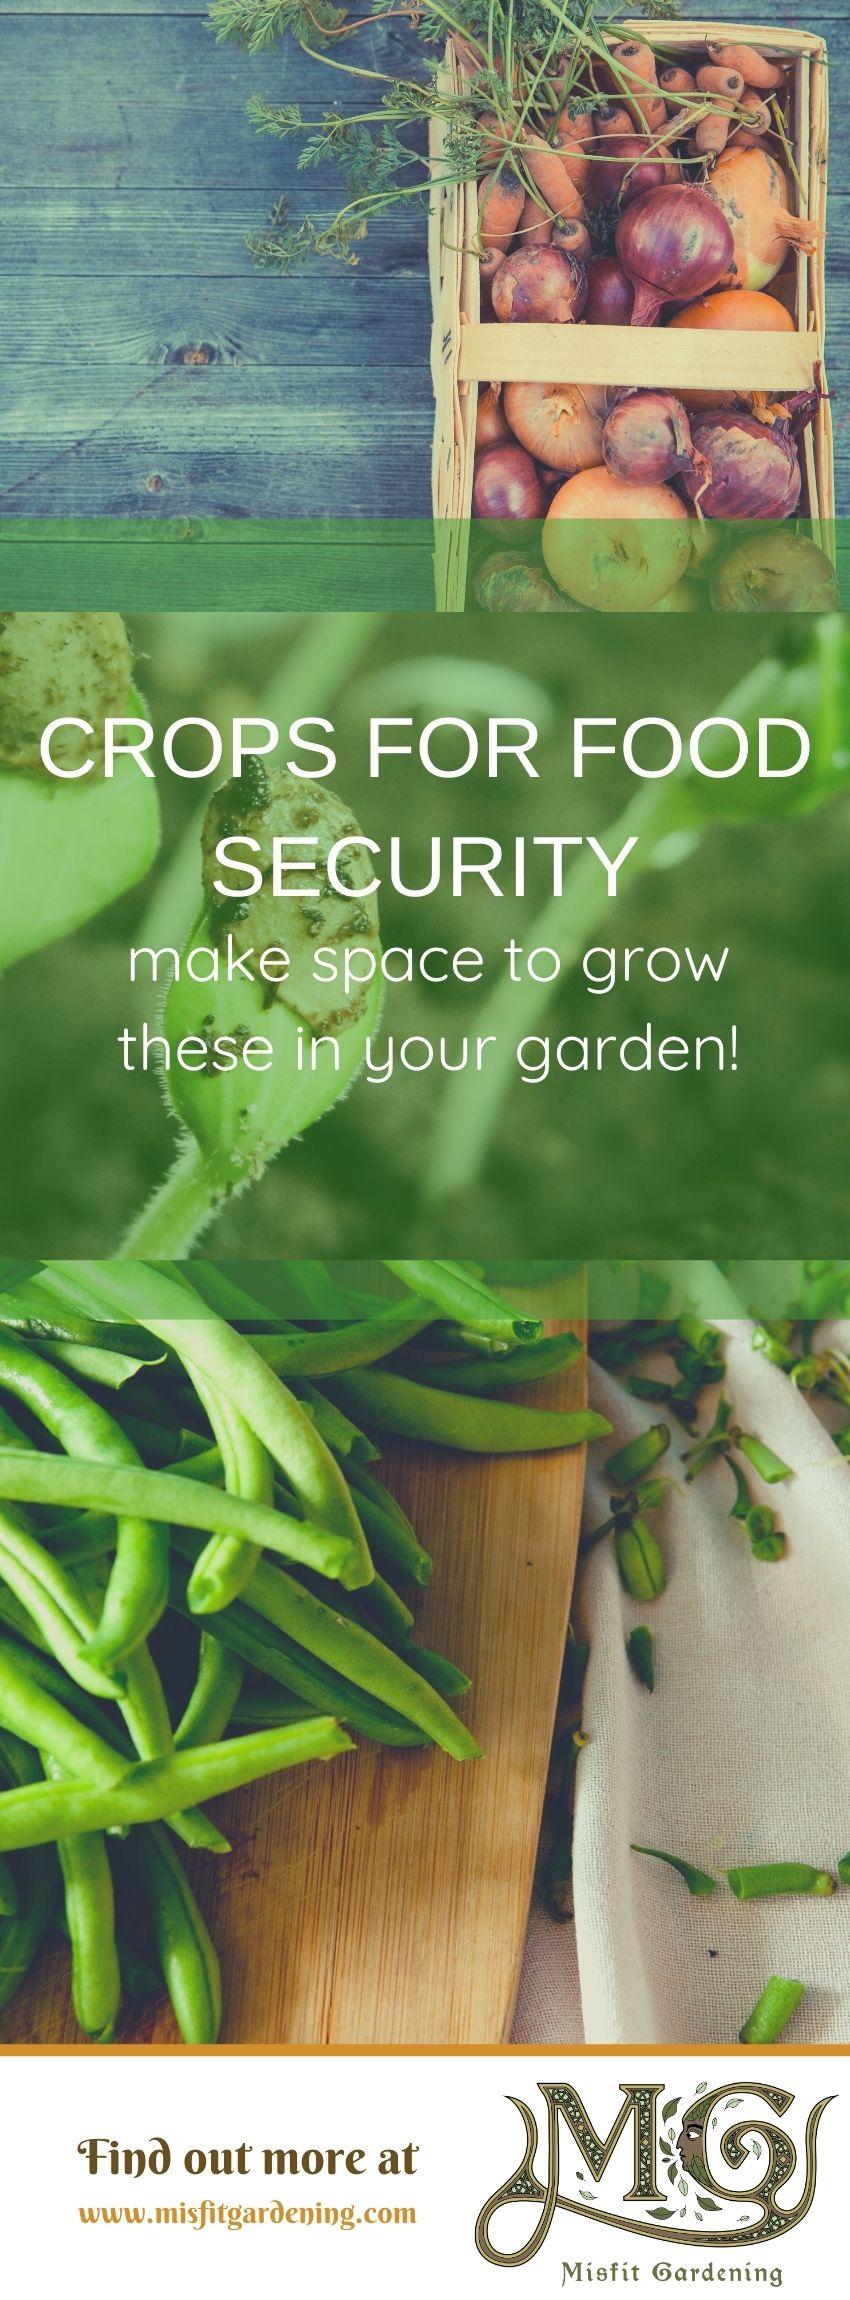 Klicken Sie hier, um einige Pflanzen für den Anbau von Nahrungsmitteln zu finden, oder stecken Sie sie fest und speichern Sie sie für später. #homestead #organic #gardening